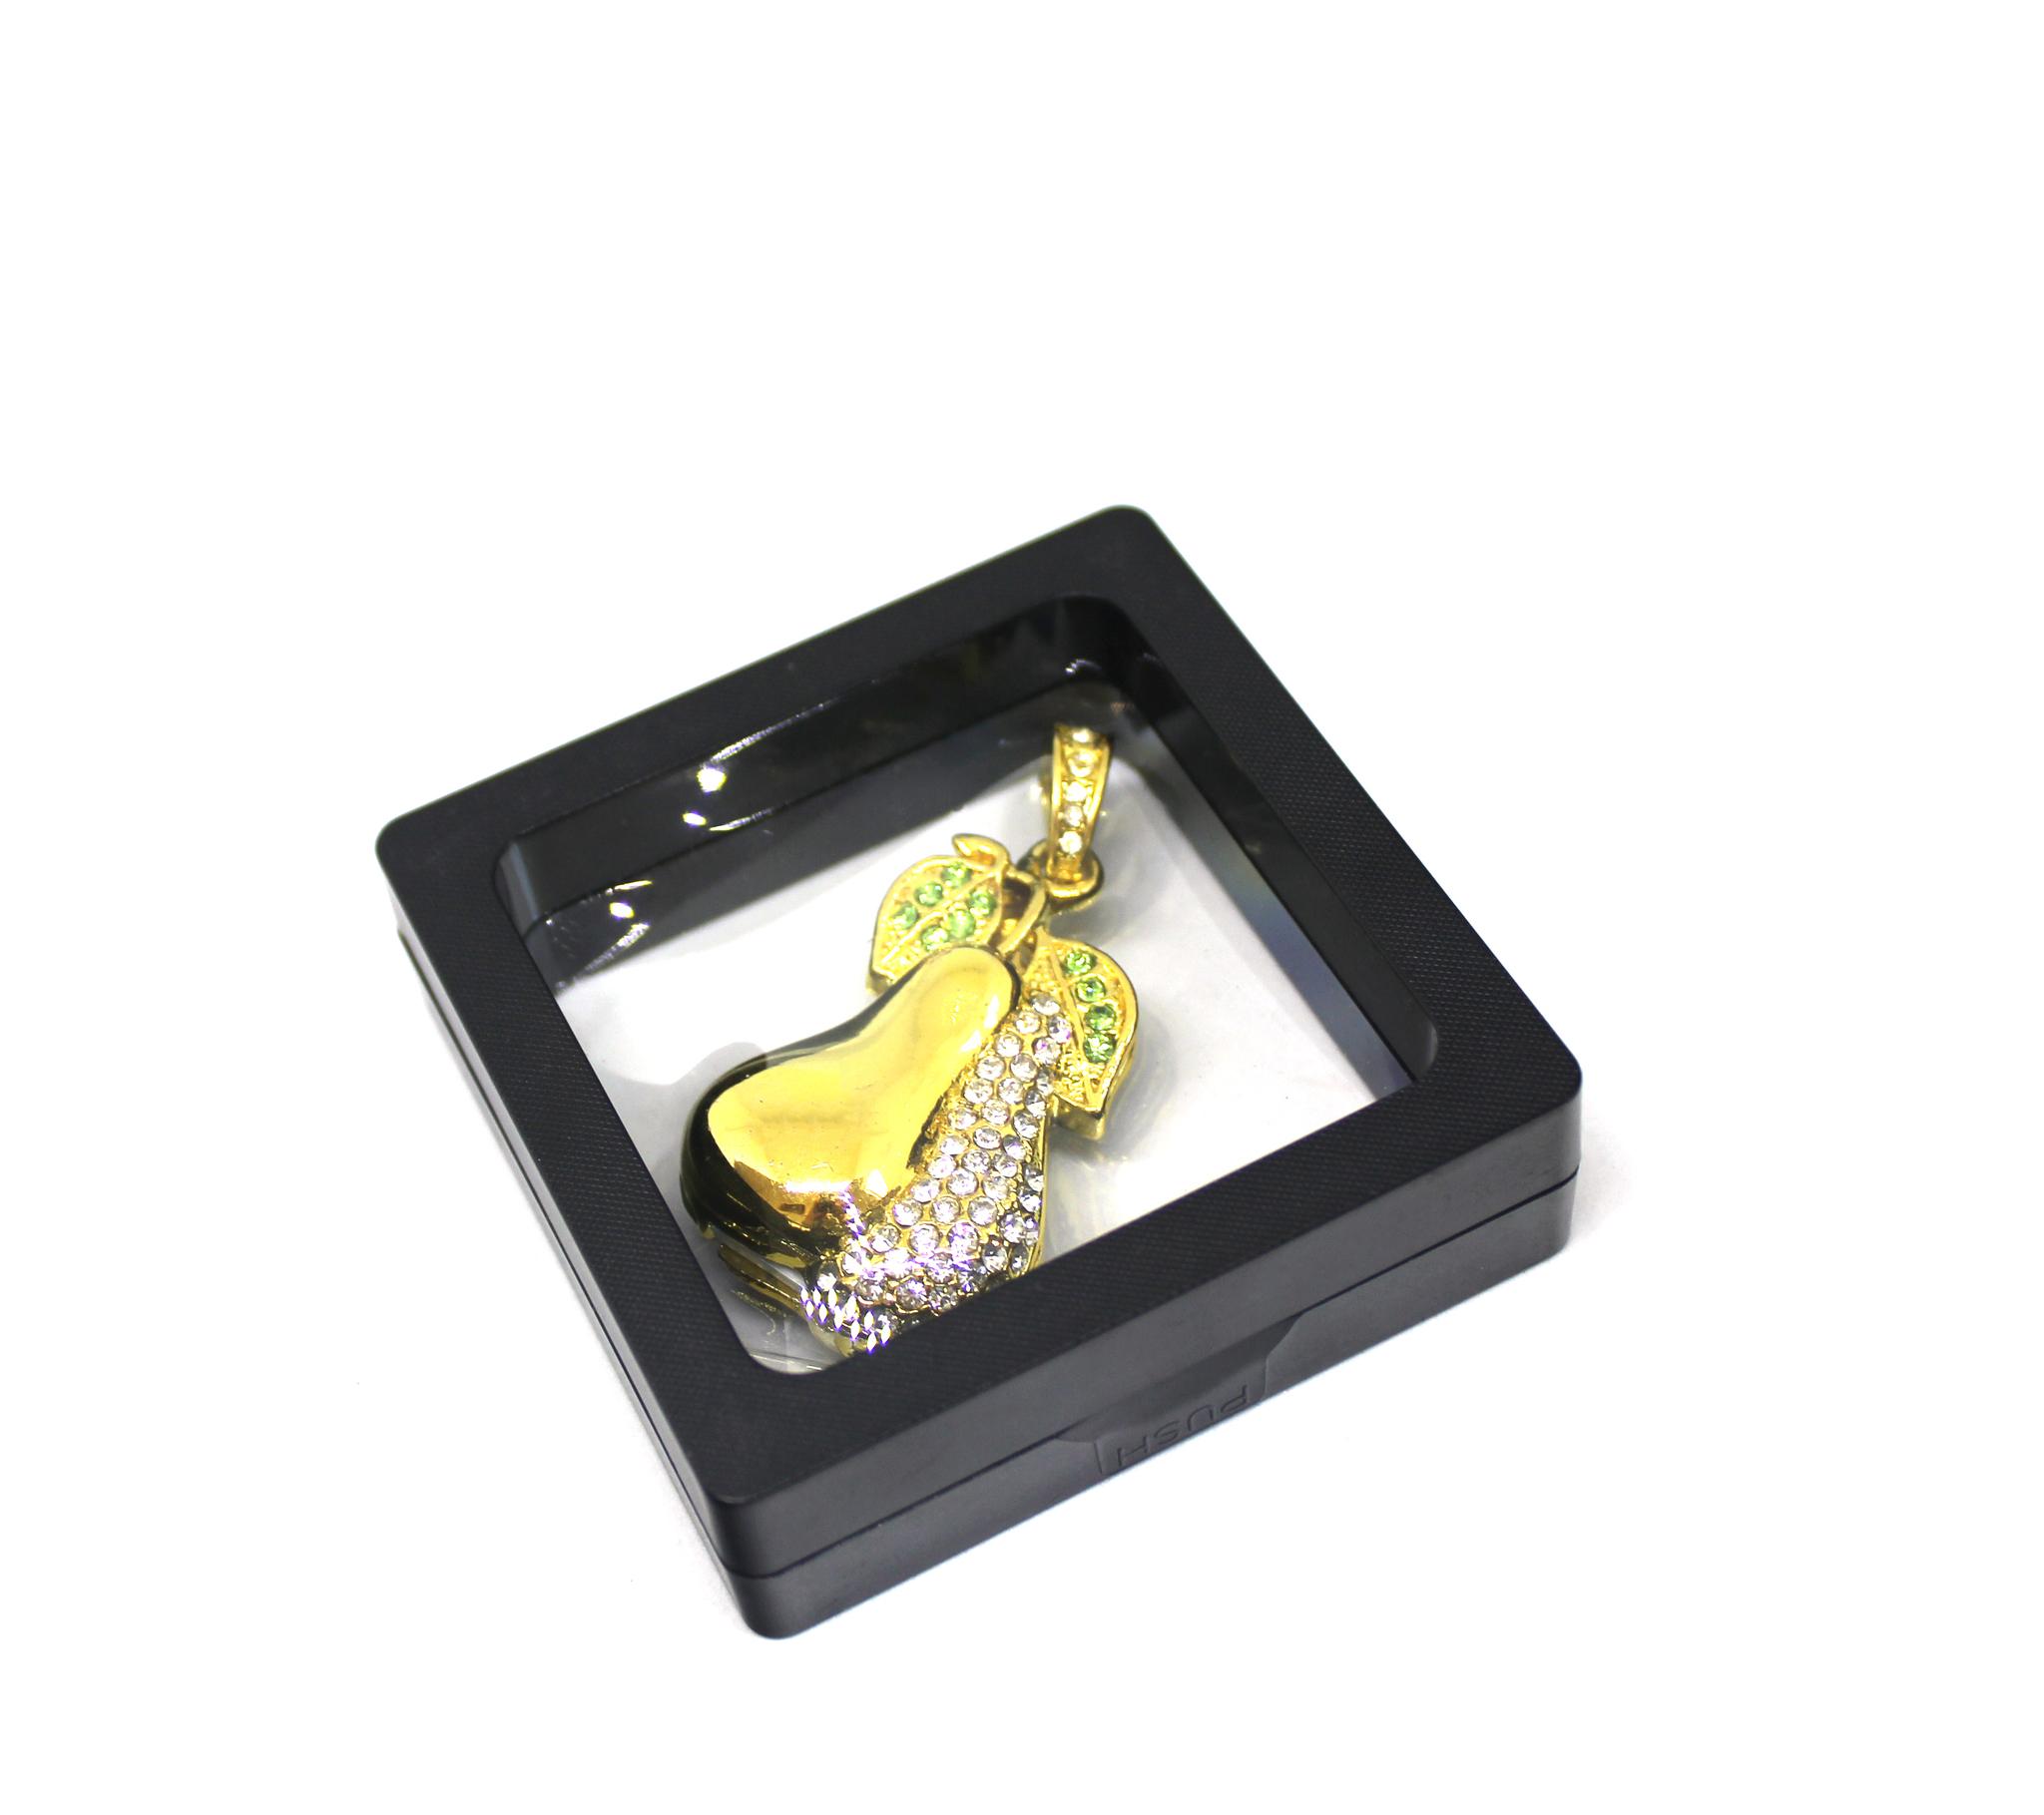 коробка для флешки nanobox mini оптом